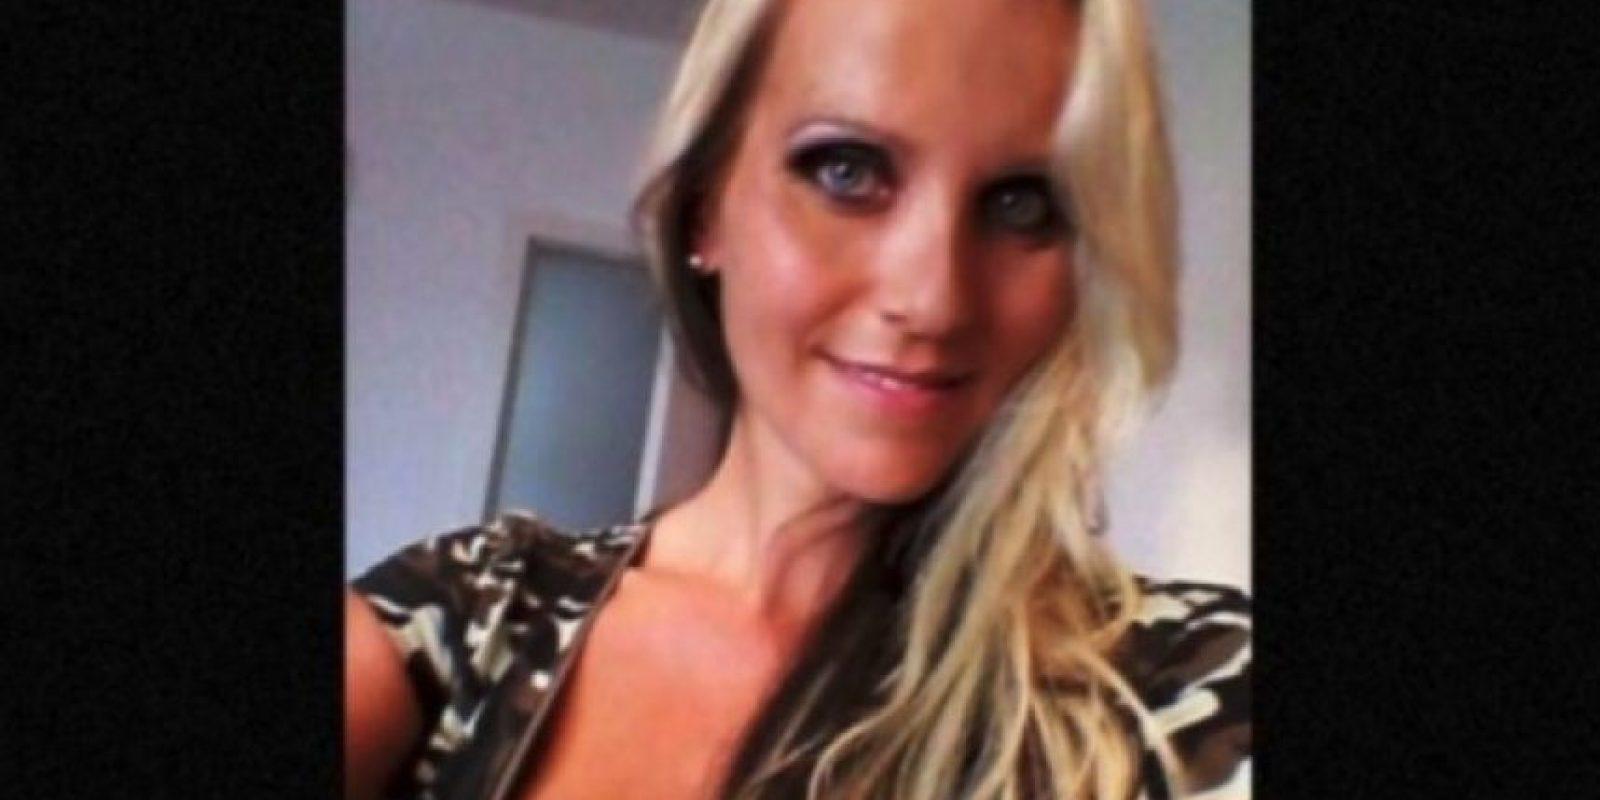 Trabajaba en un colegio católico en Munich, Alemania. Fue despedida cuando los líderes de la iglesia se dieron cuenta de sus otras actividades. Foto:Facebook.com/Julia.blond